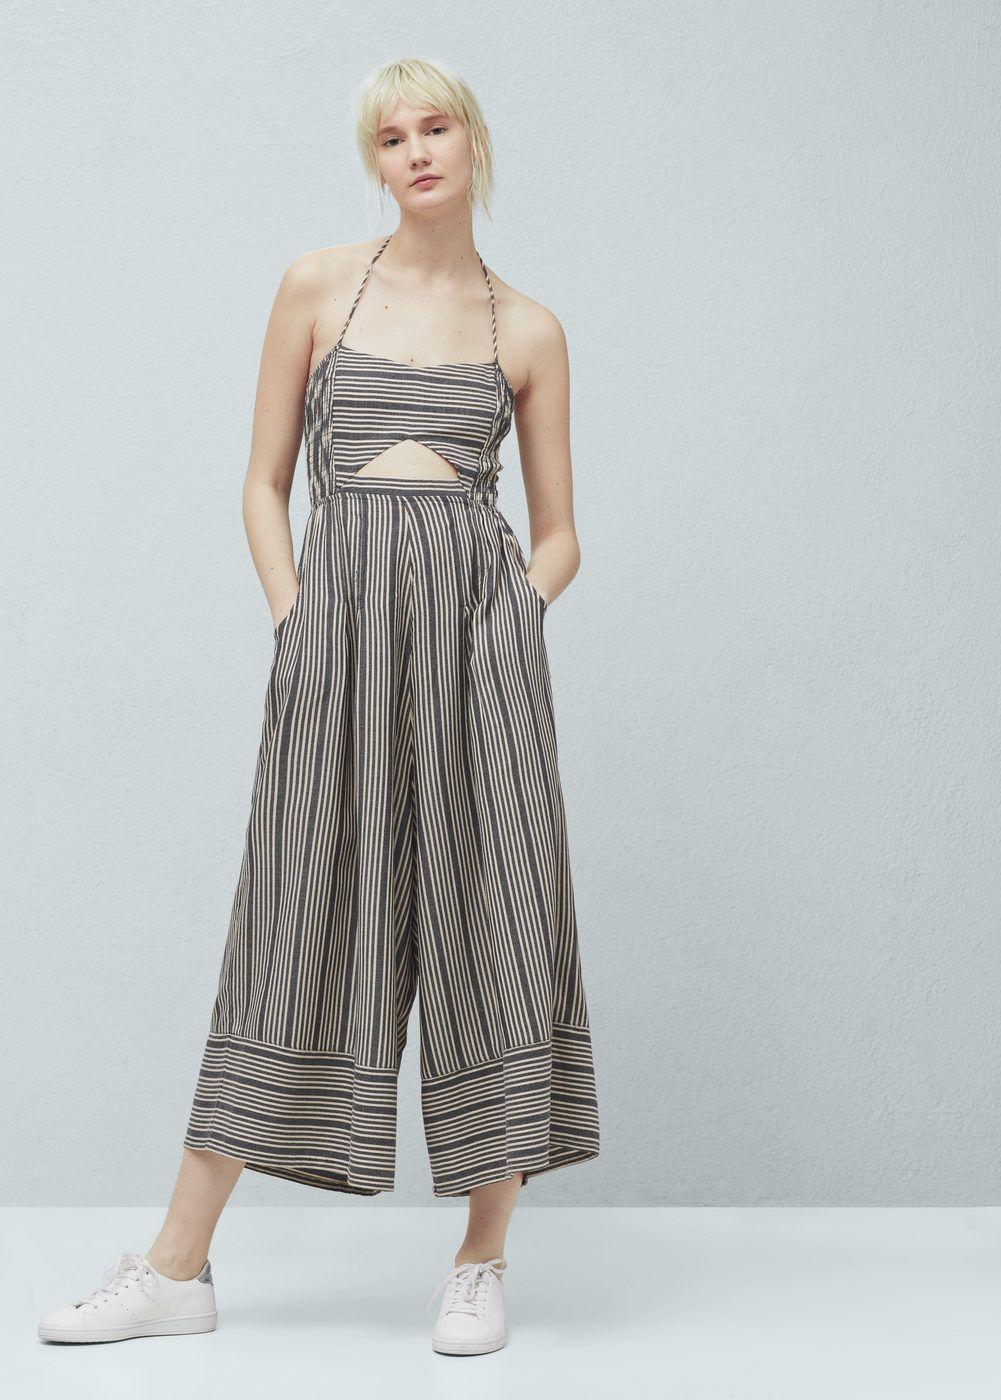 e1e01bd9b4 Striped cotton jumpsuit - Jumpsuits for Women